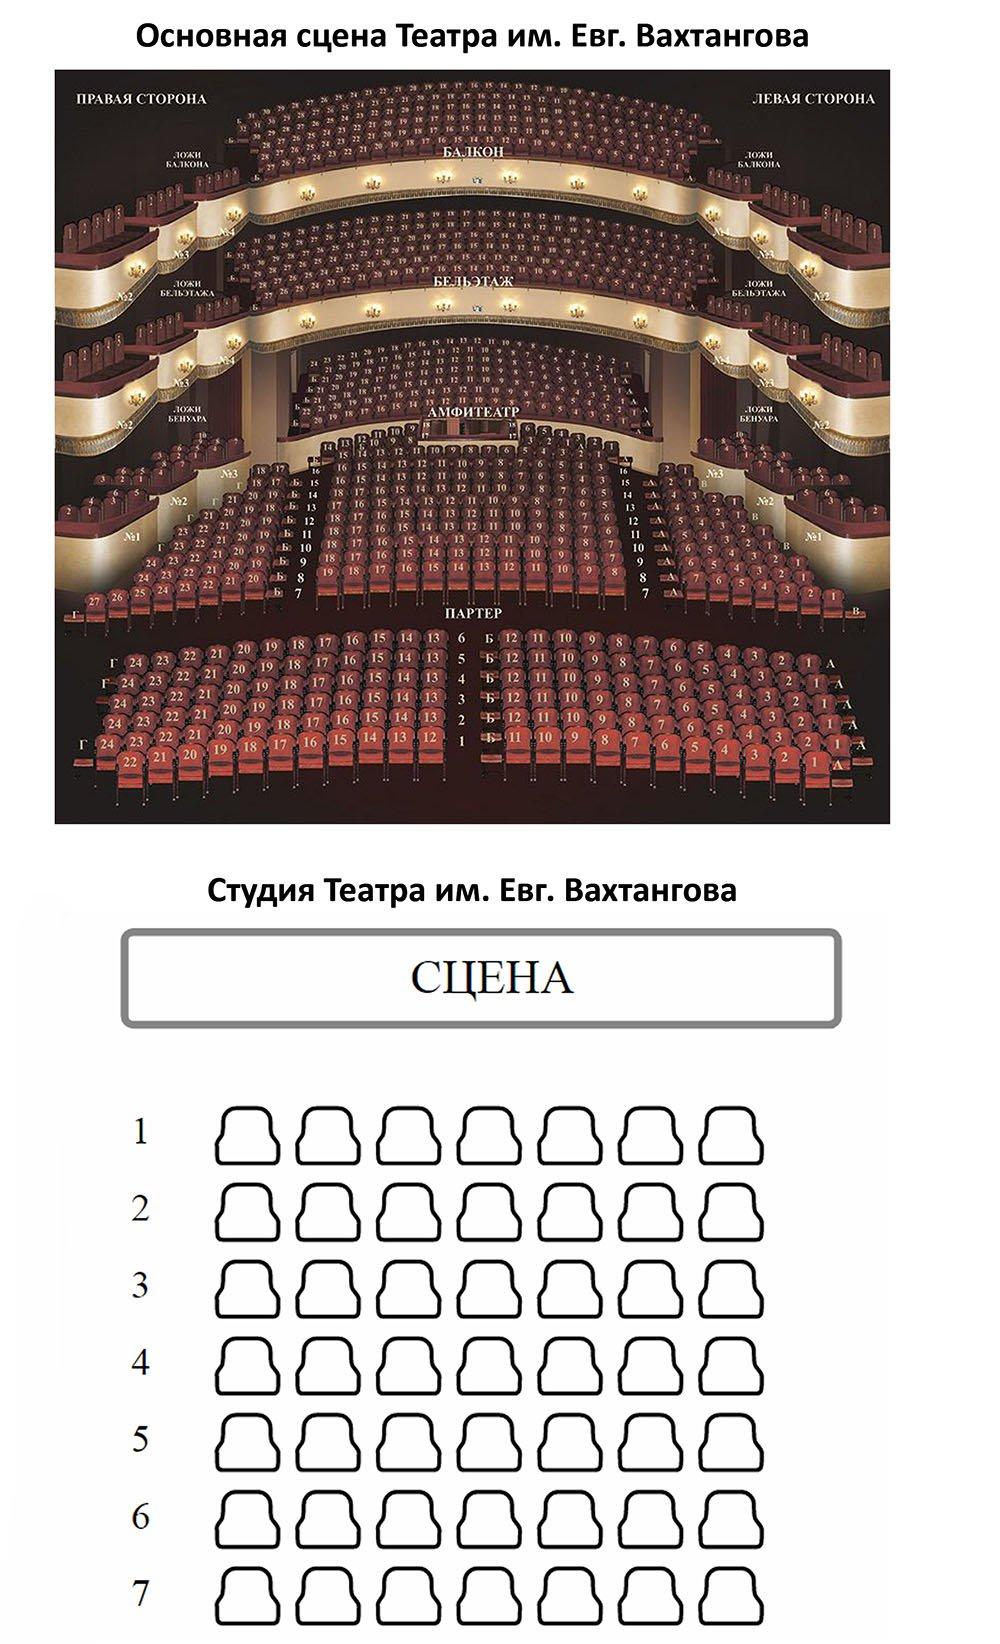 Схема зала Театр имени Евг. Вахтангова (Основная сцена и Студия)